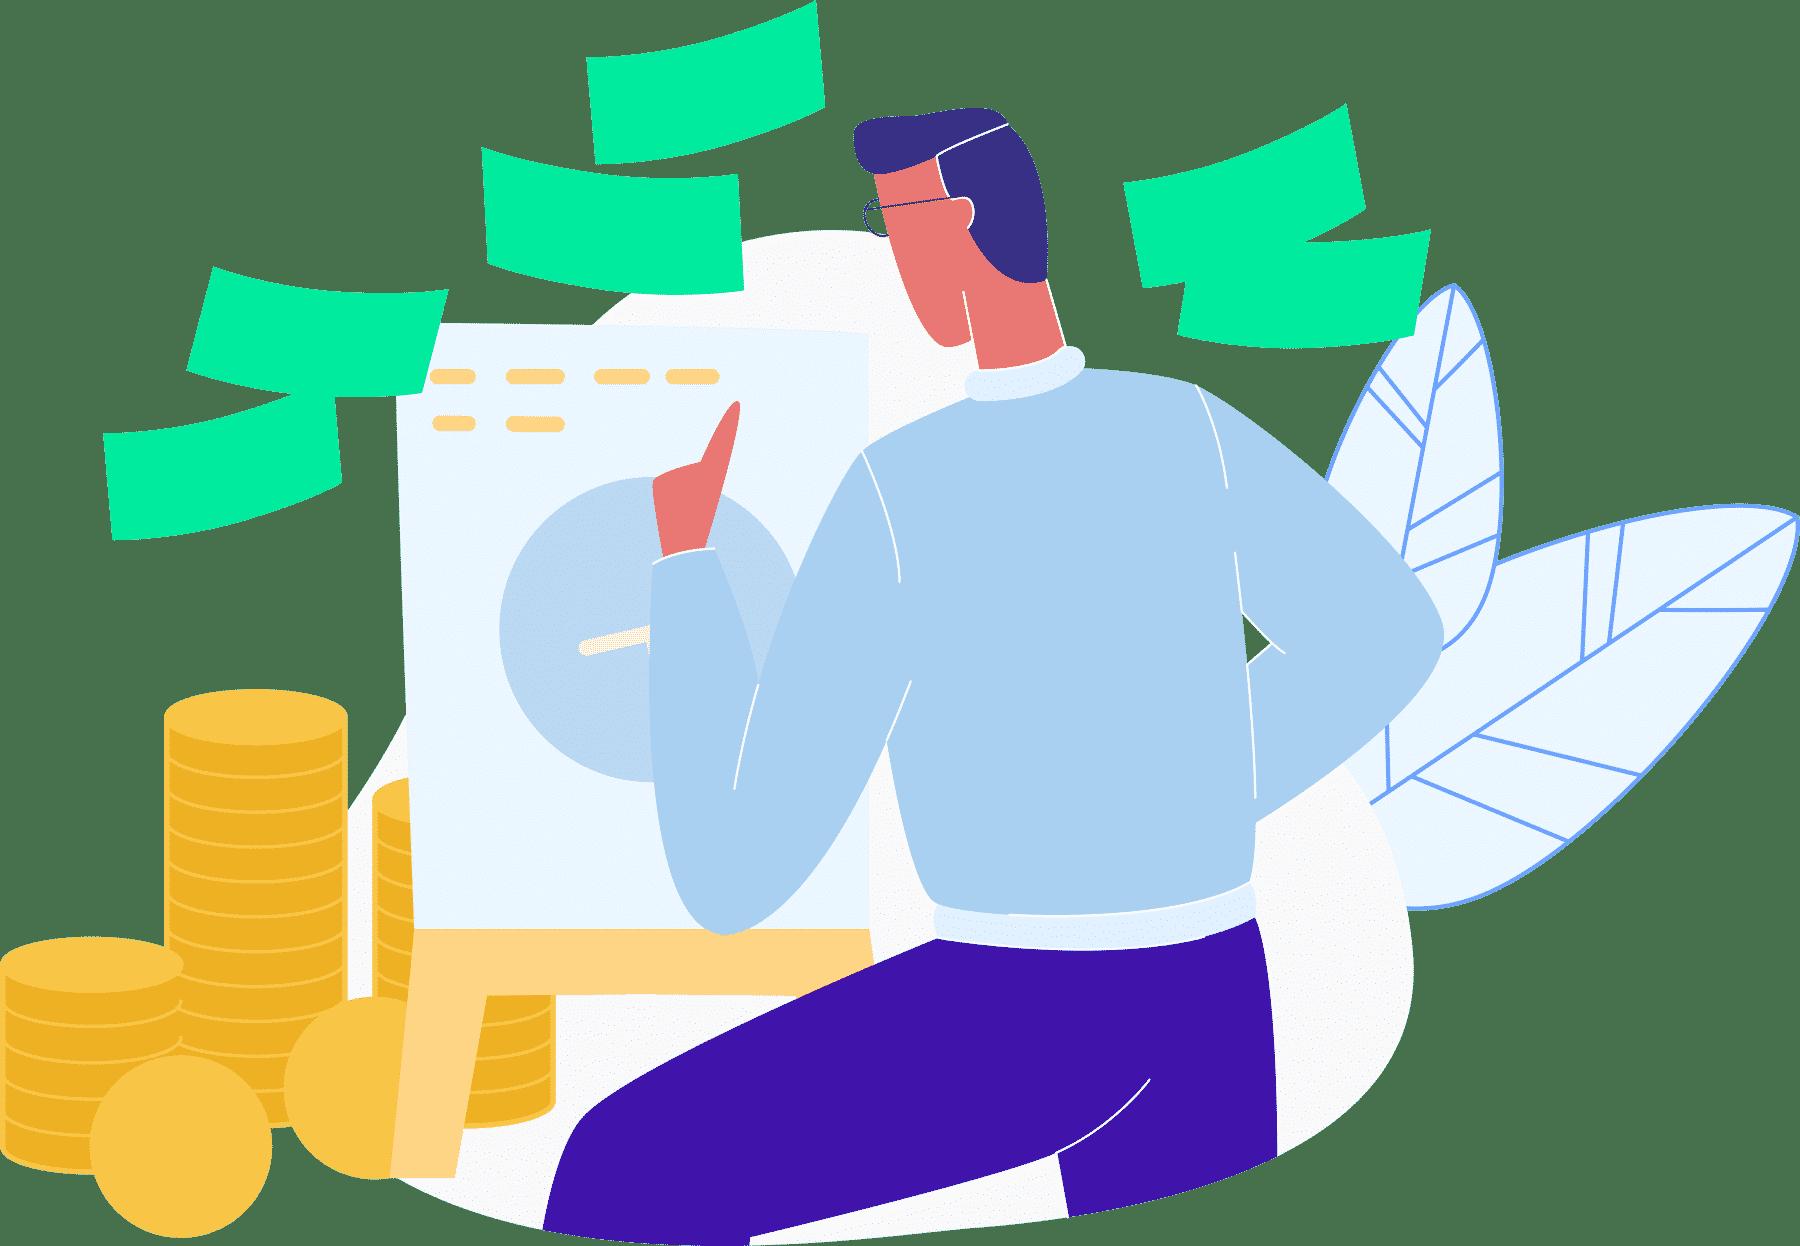 Übersicht über die besten Kreditangebote - schnell und einfach Geld leihen